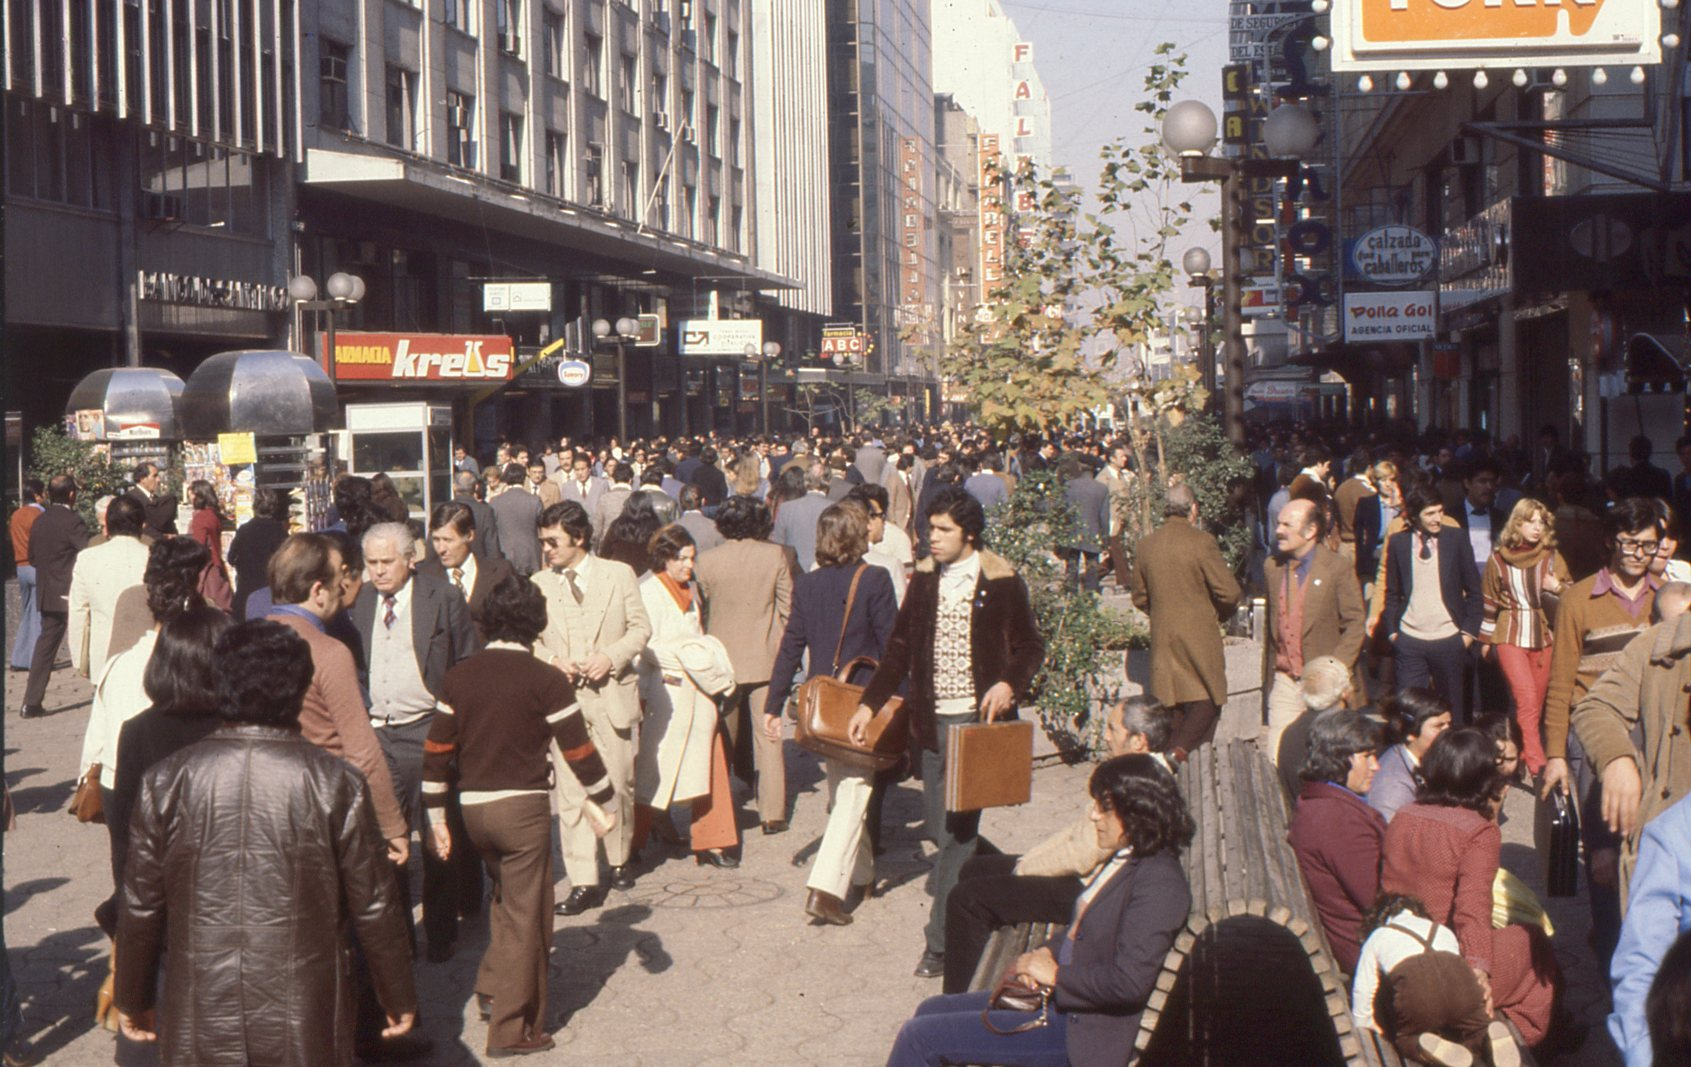 Enterreno: Teletransportación al pasado de la moda en Chile